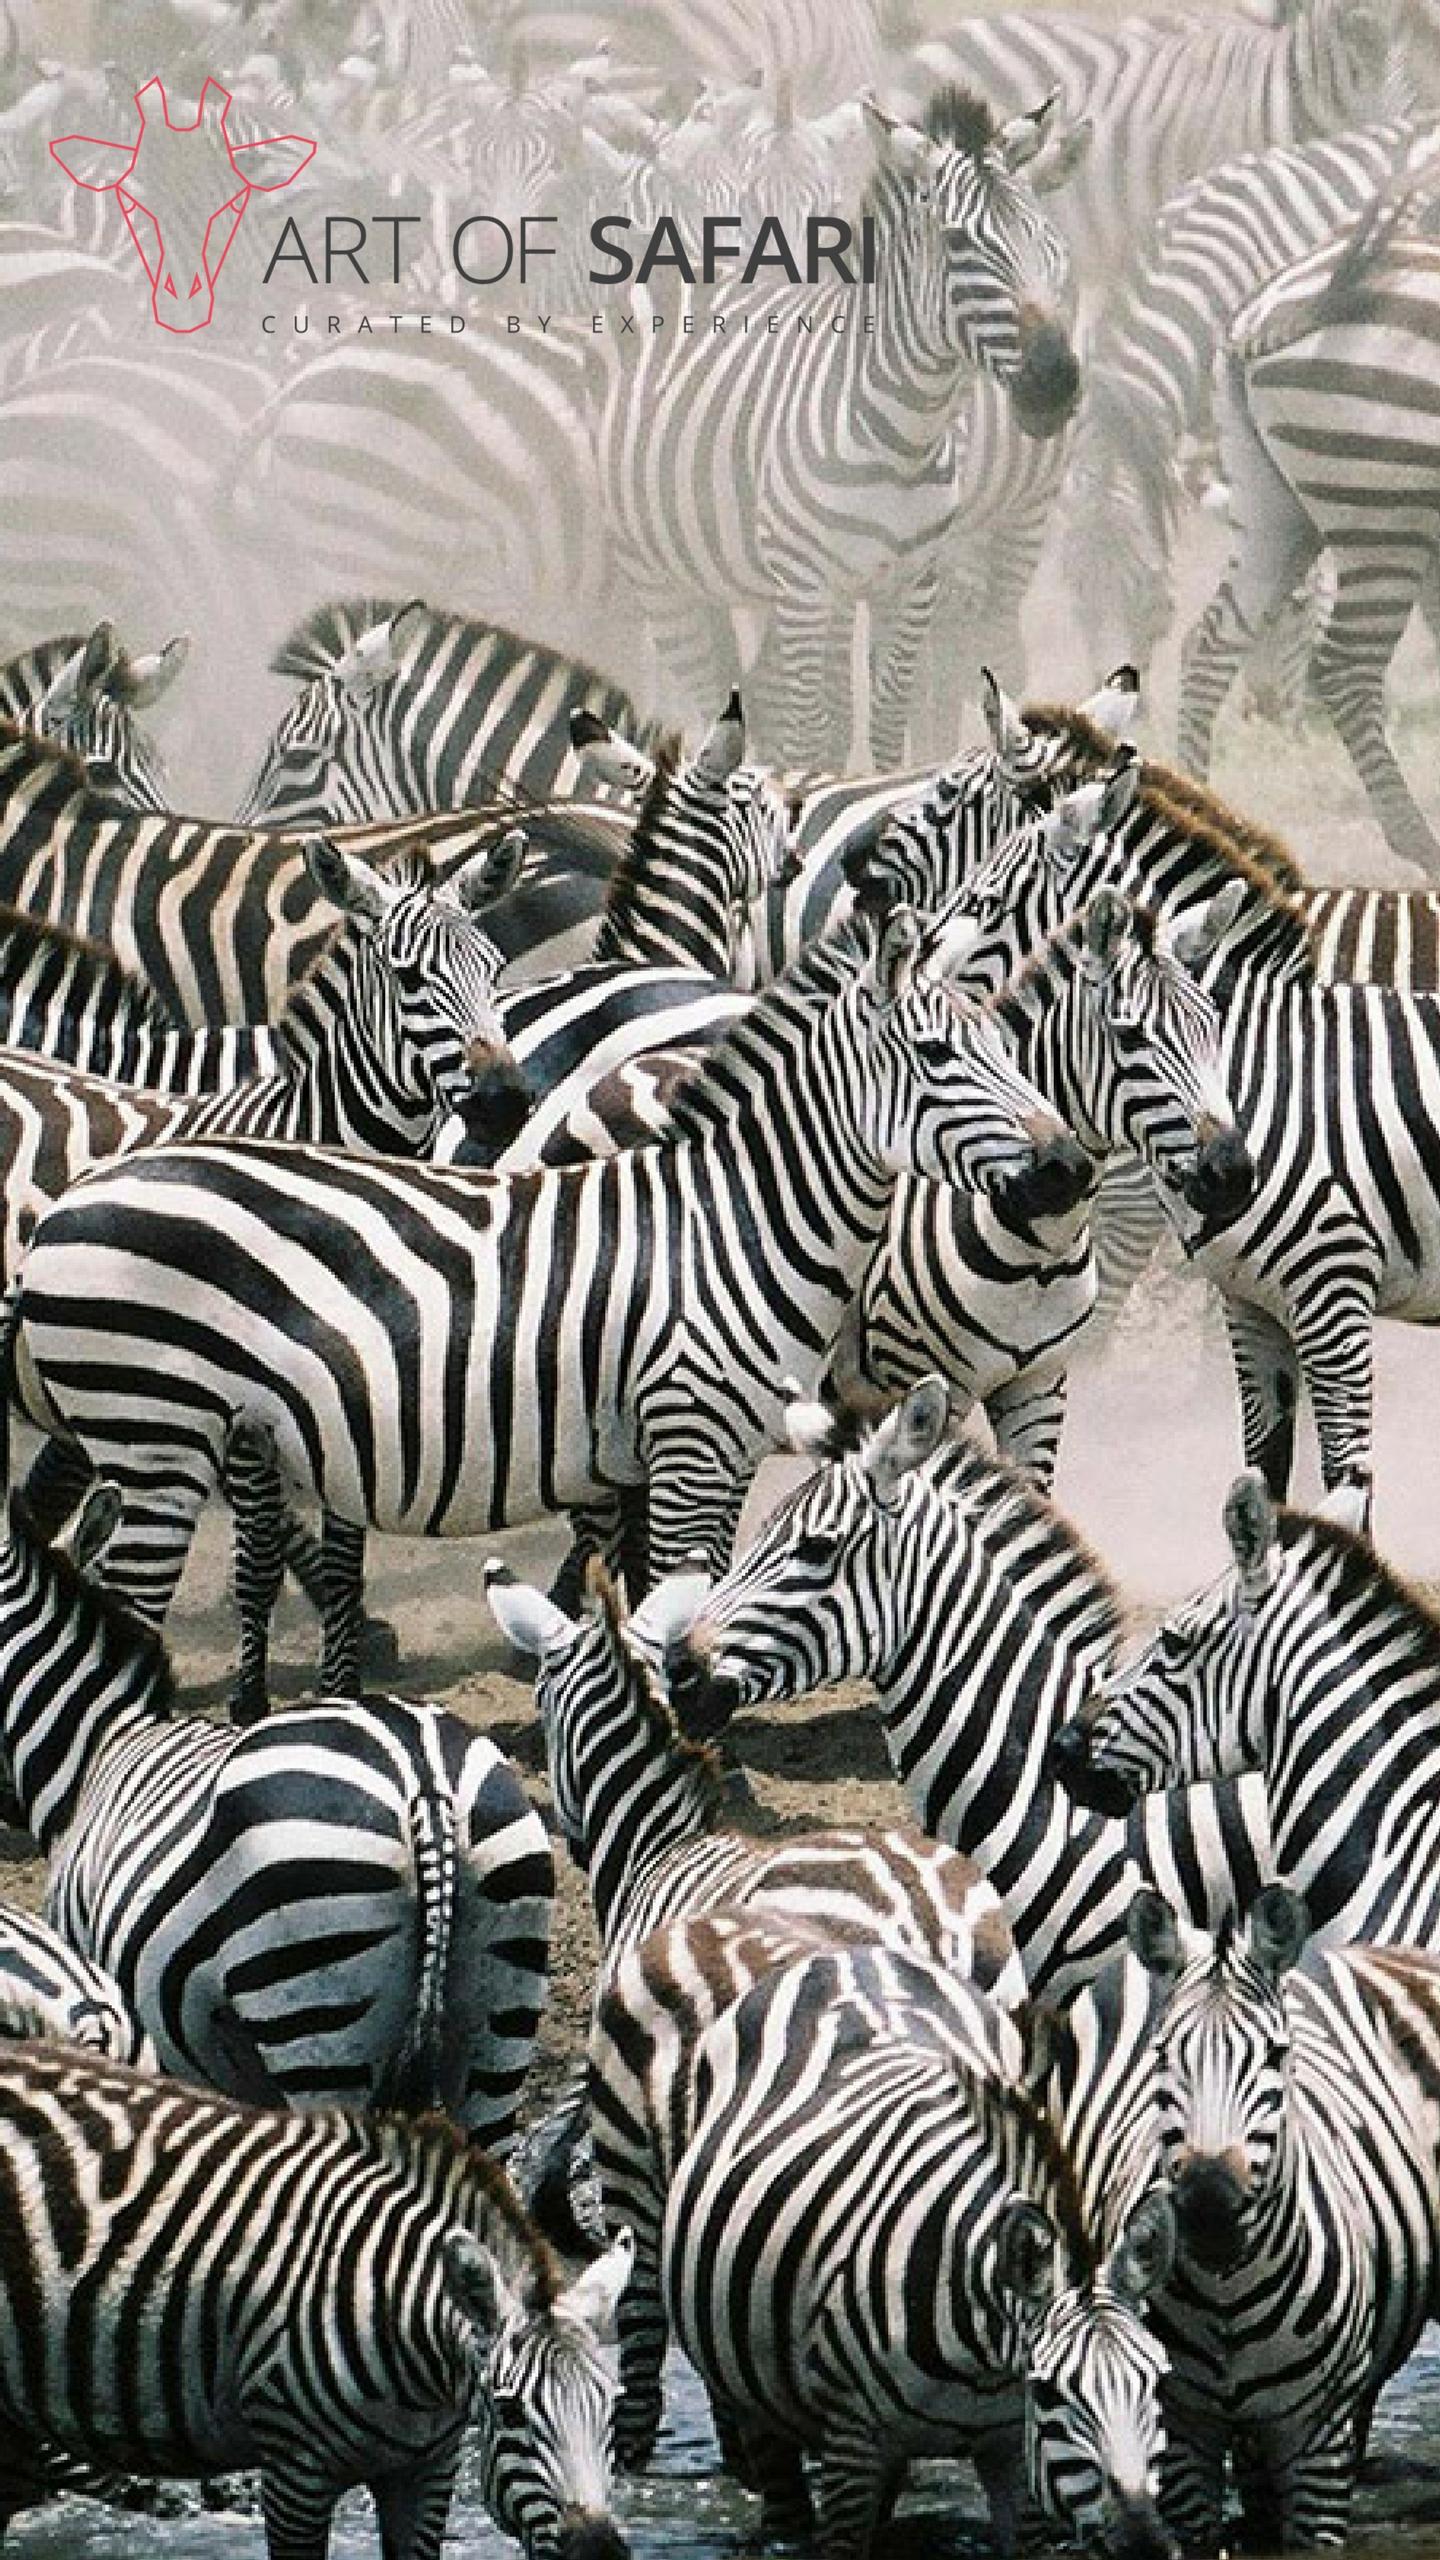 Wallpaper A Dazzle Of Burchell S Zebra In The Dust Art Of Safari